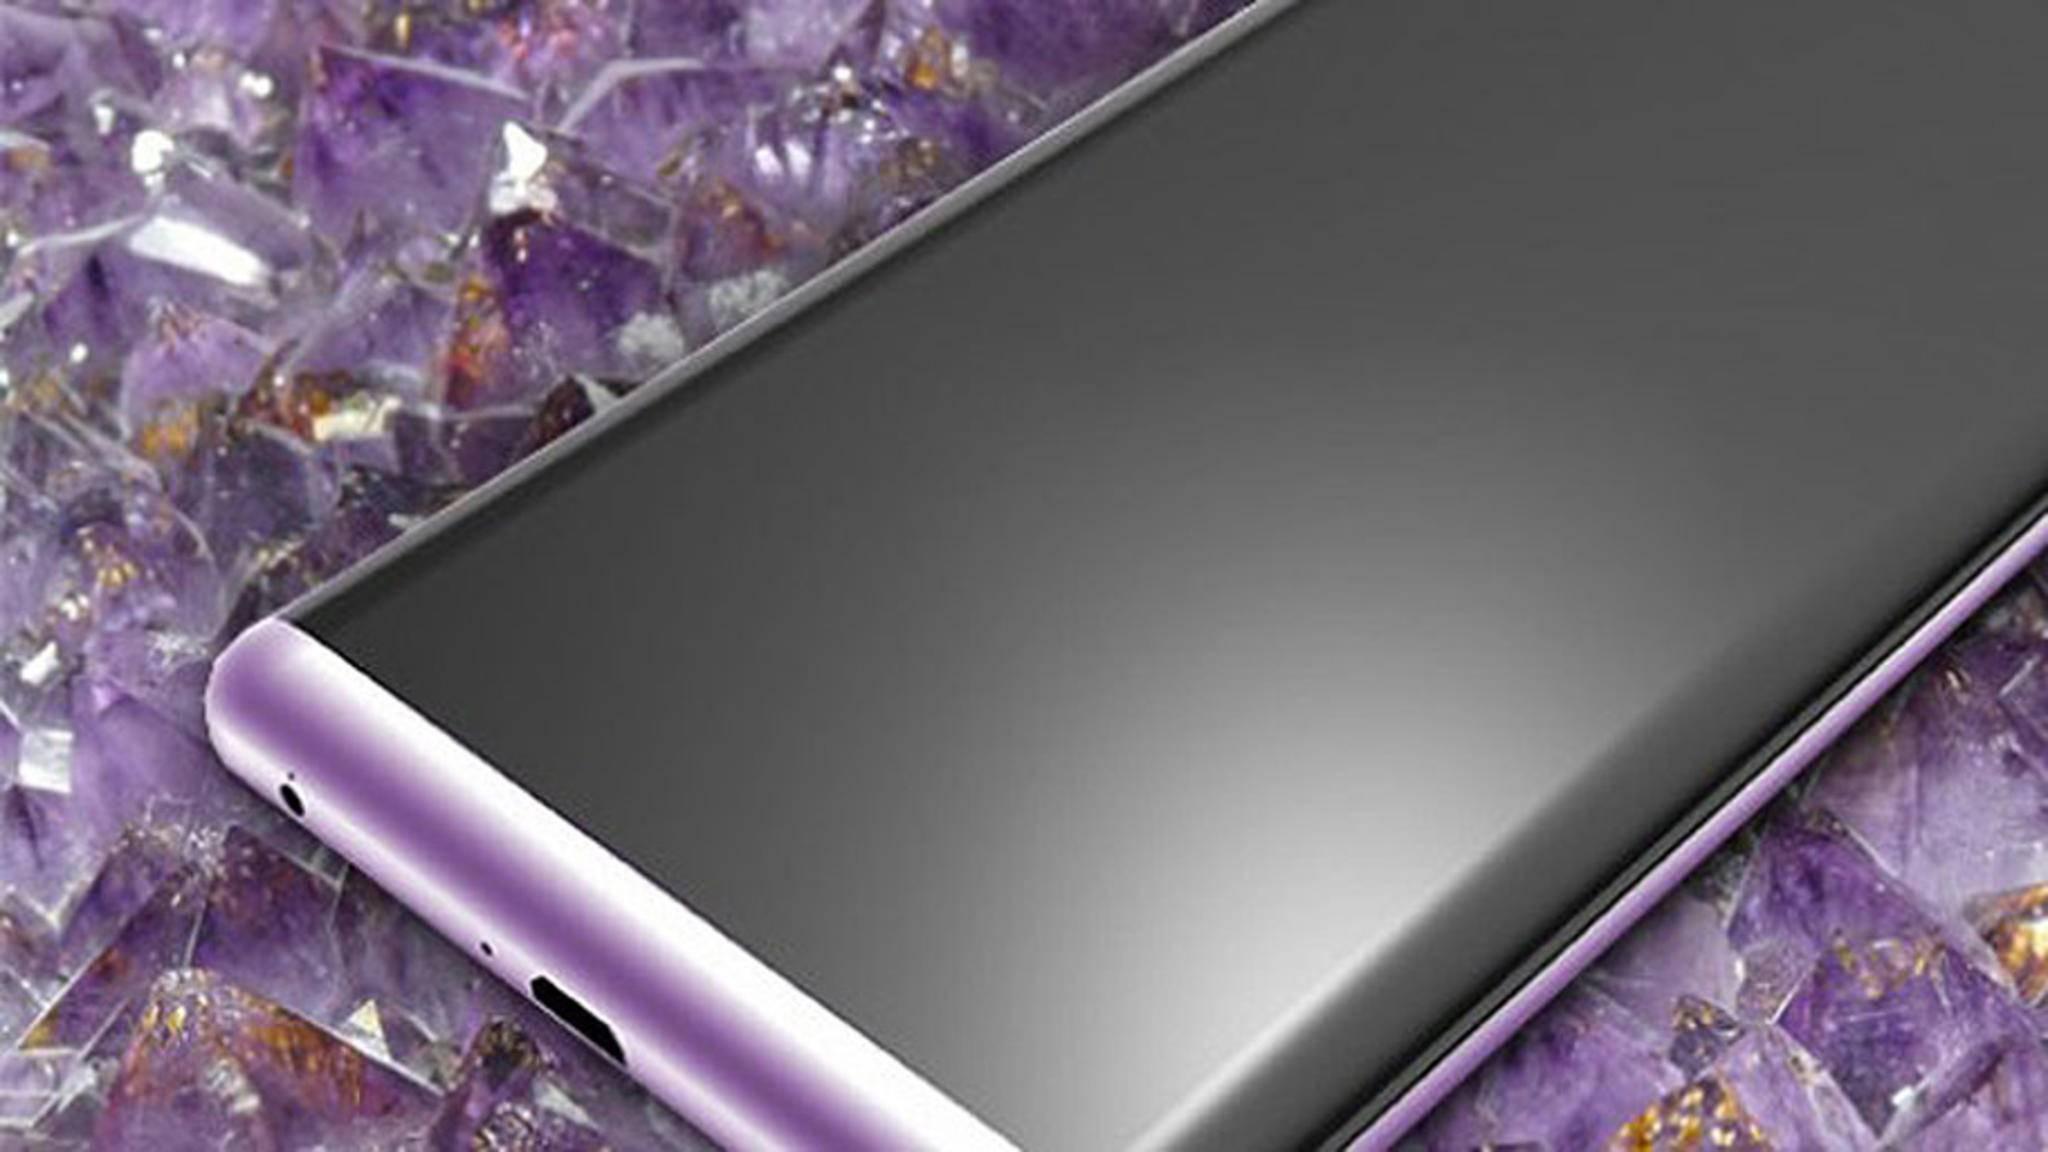 Die Vorbestellungen für das Galaxy S8 könnten schon am 29. März beginnen.